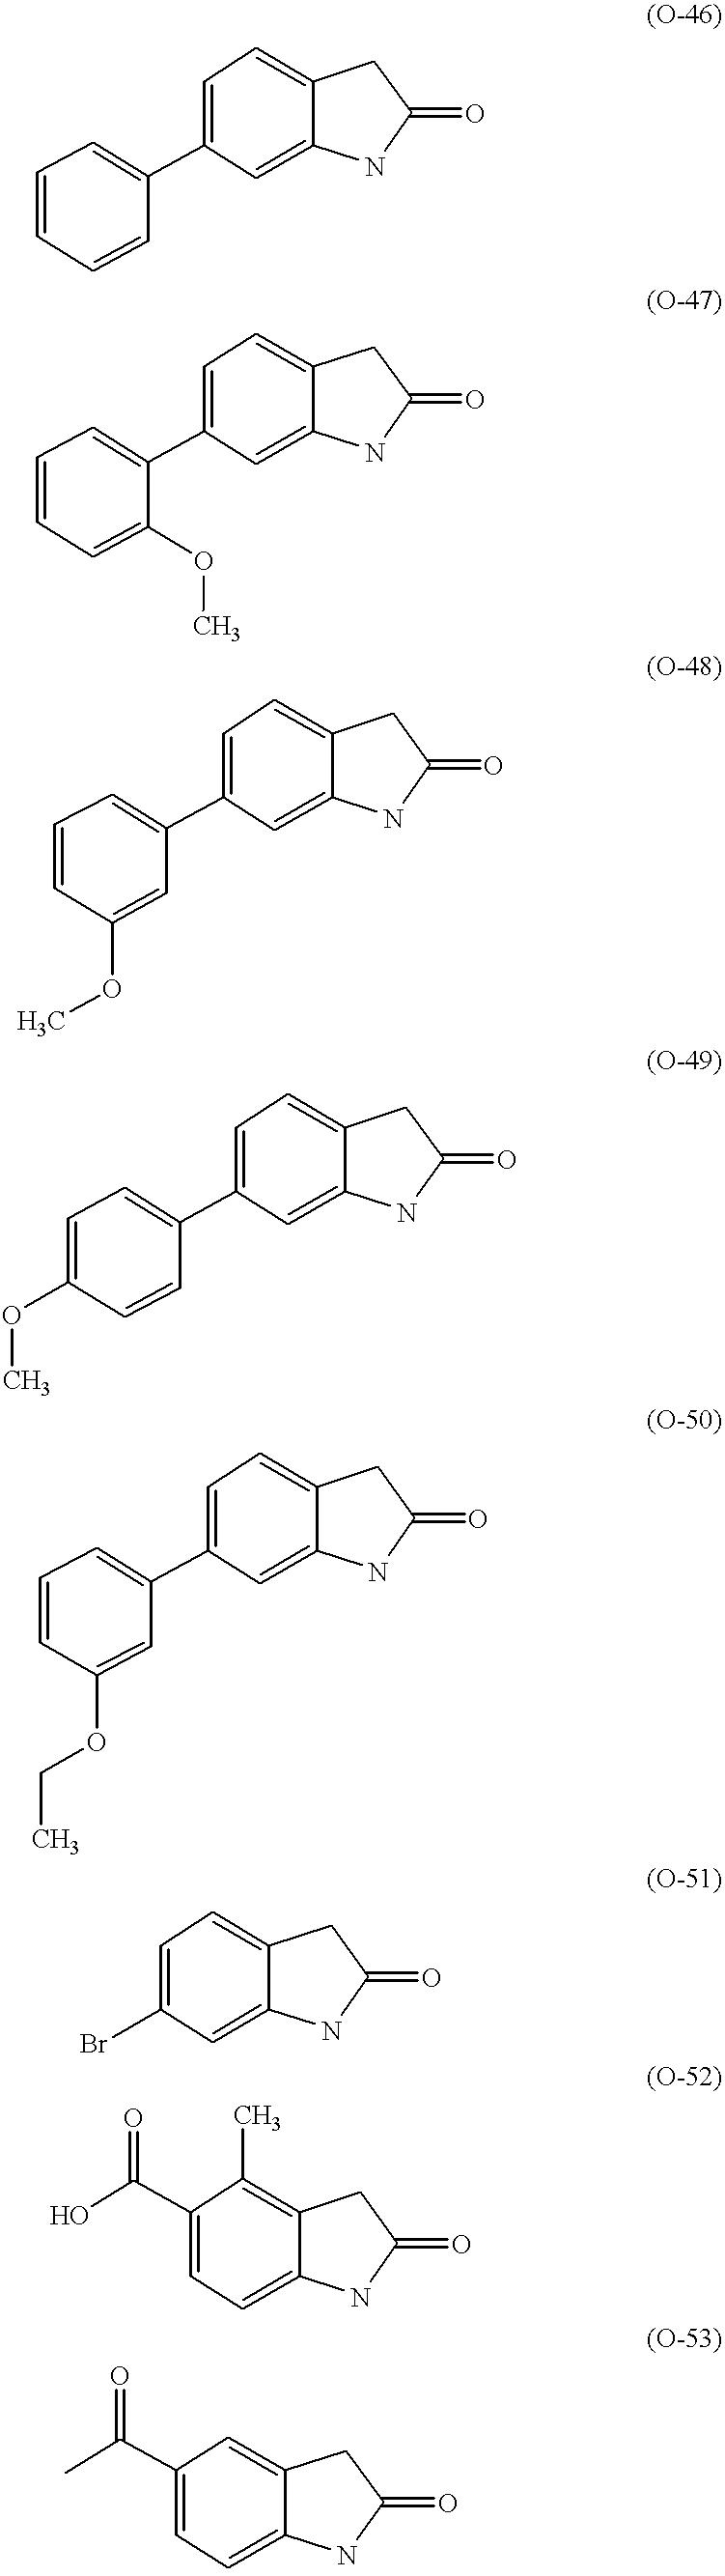 Figure US06514981-20030204-C00009